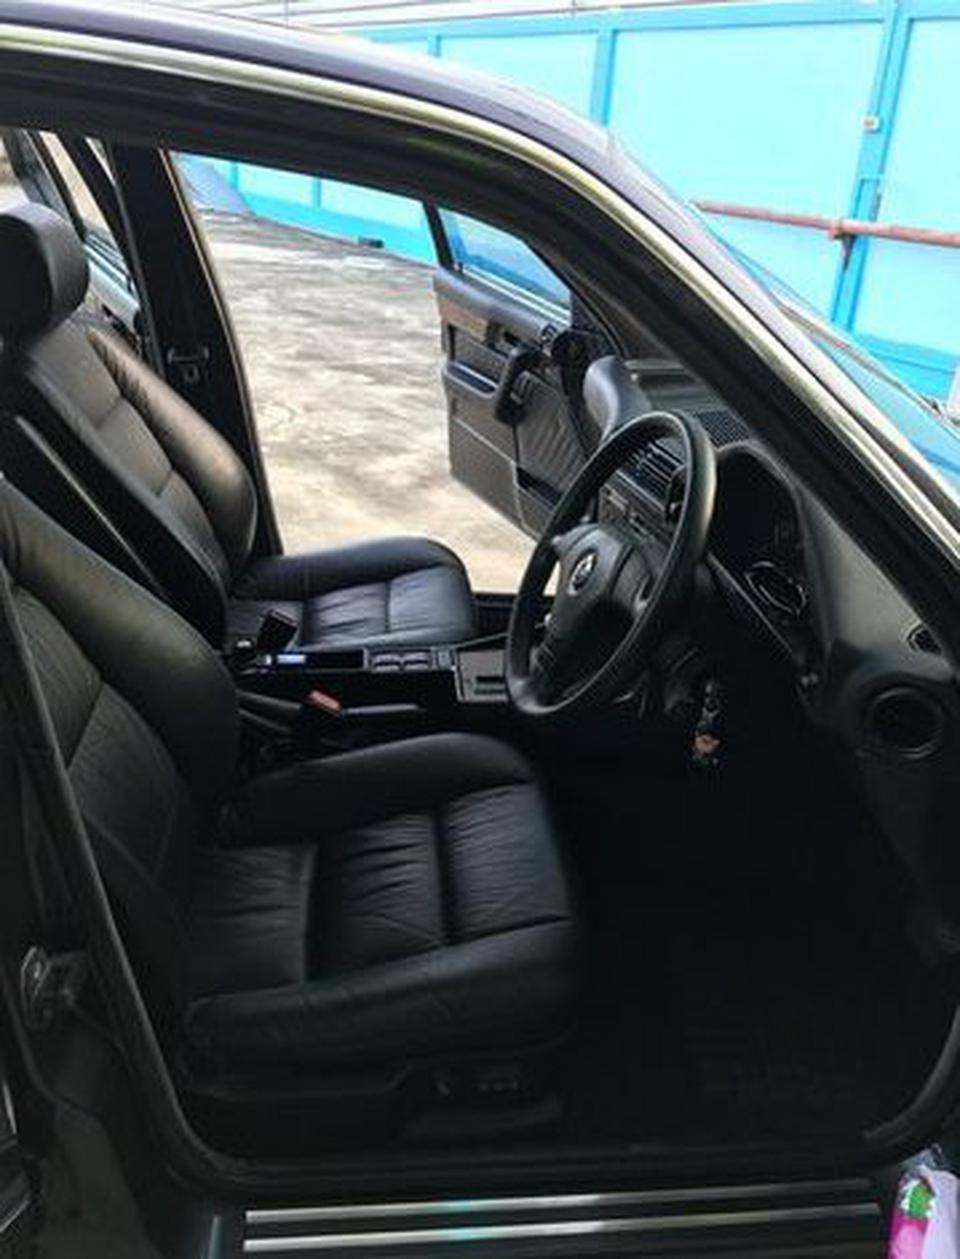 ขายรถเก๋ง Bmw Series 5 525i อำเภอเมือง จังหวัดสมุทรสาคร รูปที่ 6